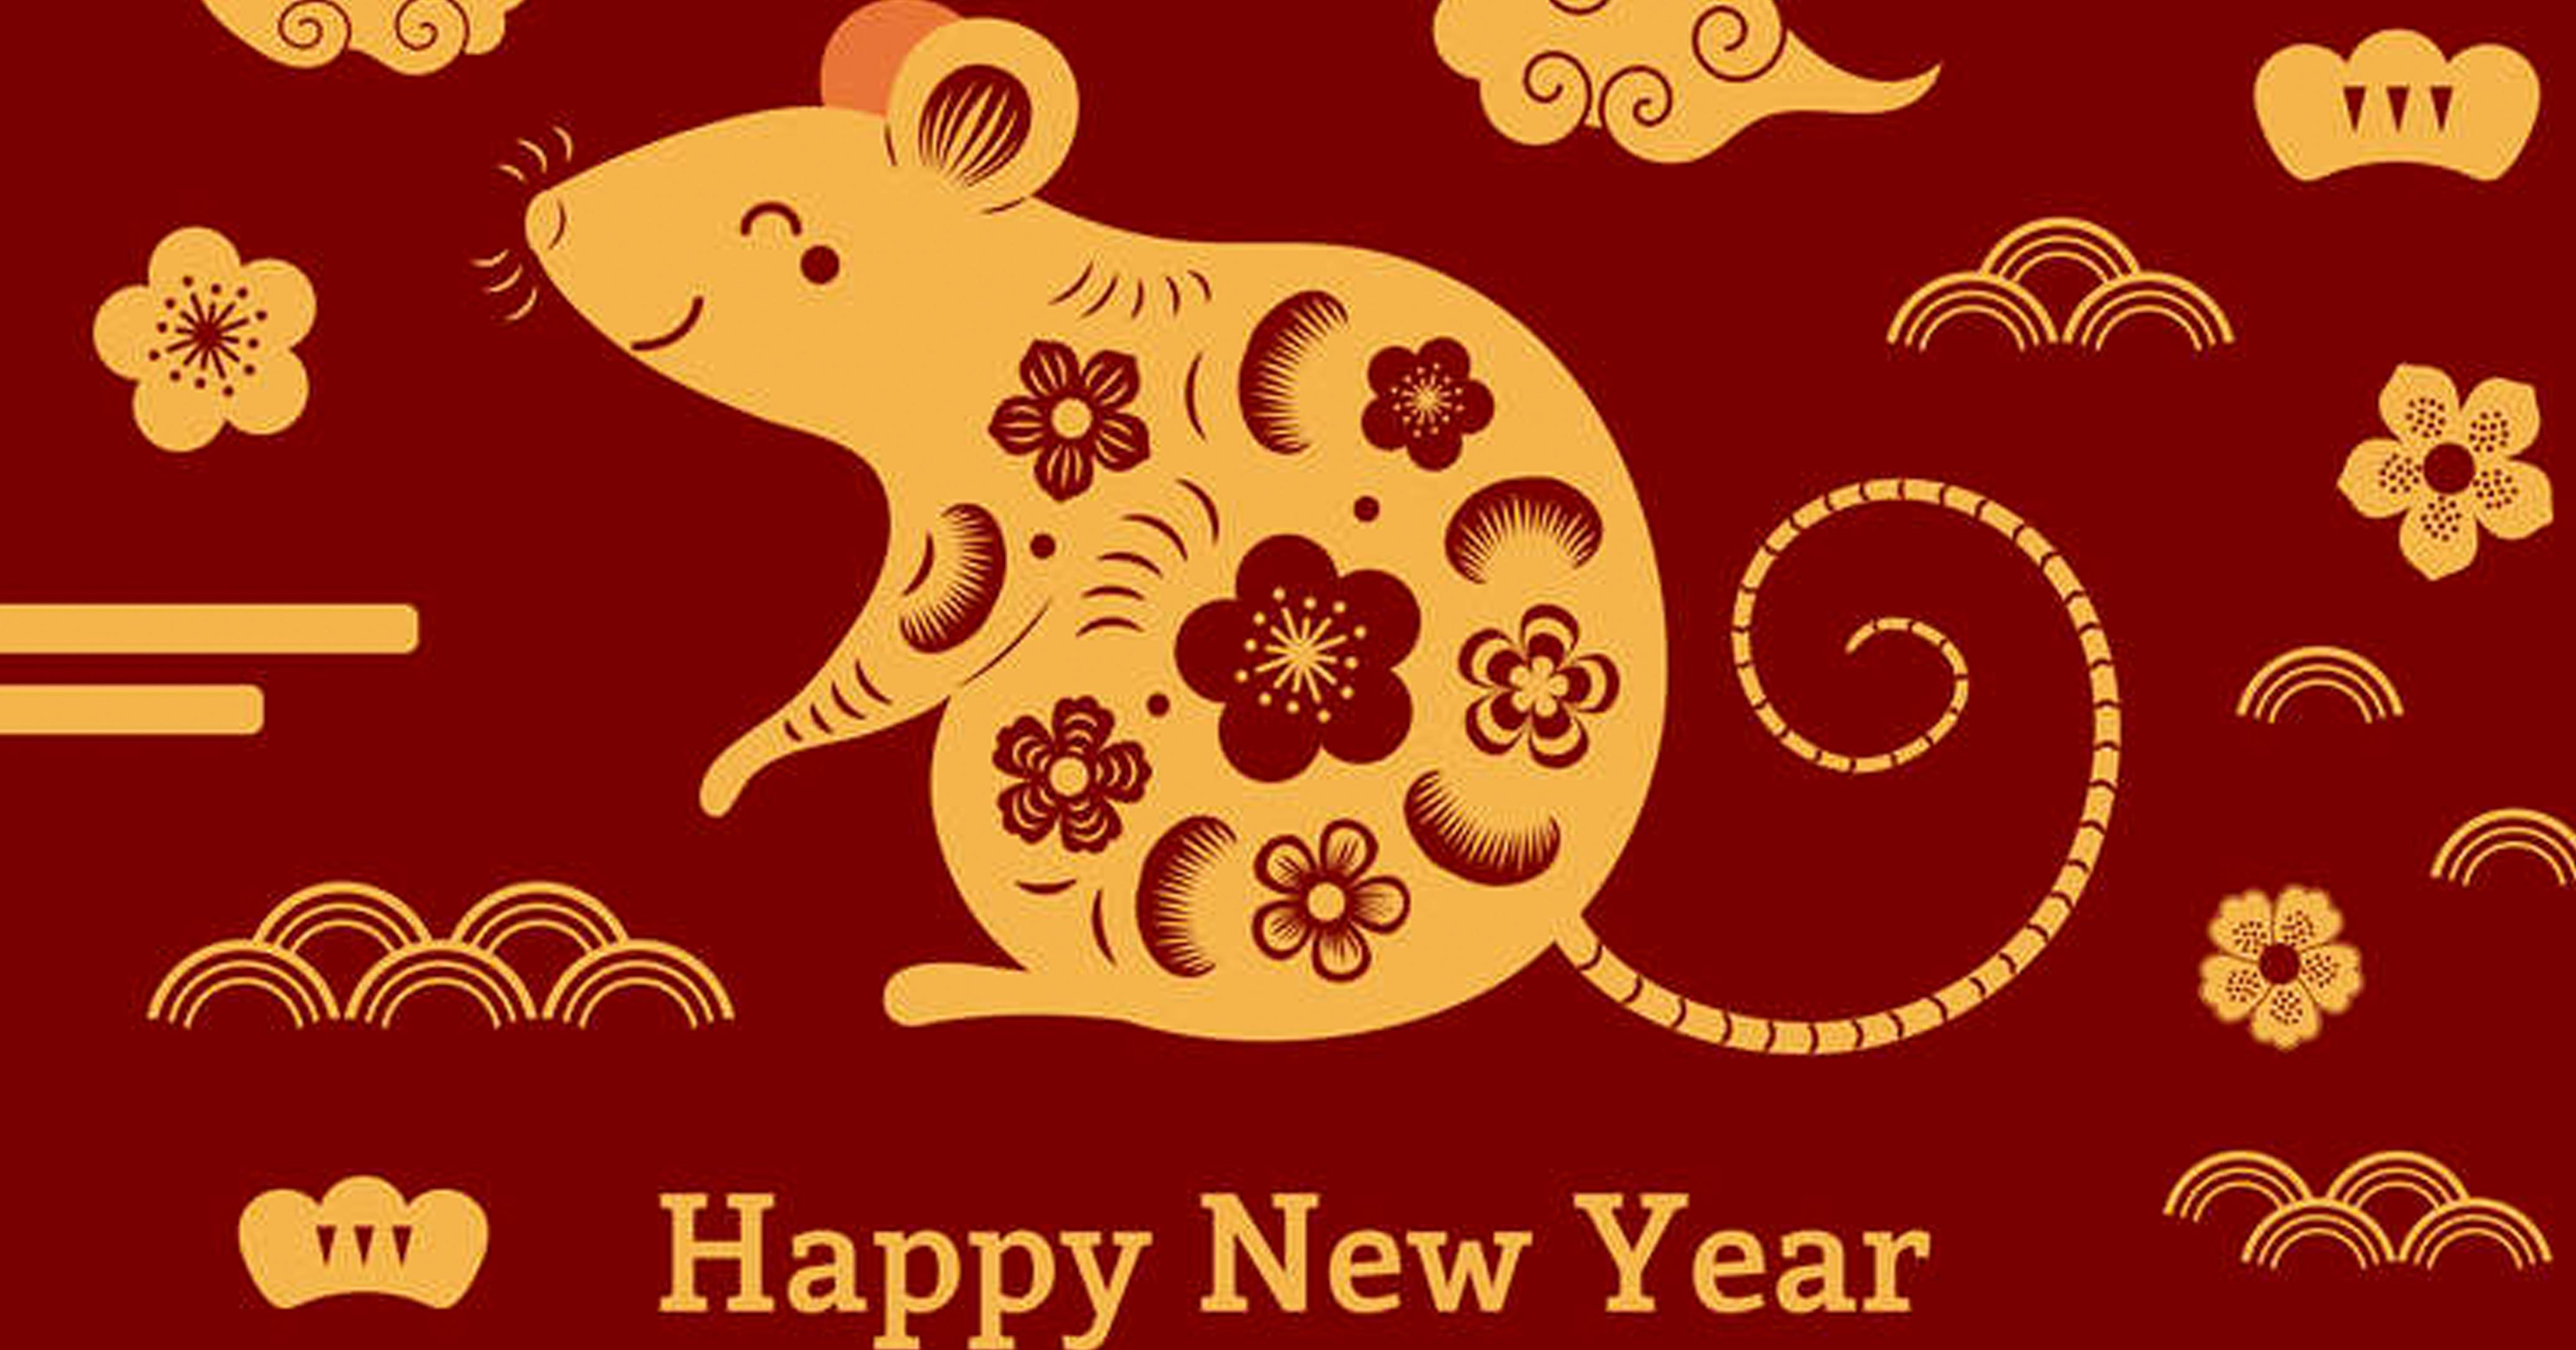 【张学勇移民】恭祝华人同胞新春快乐!